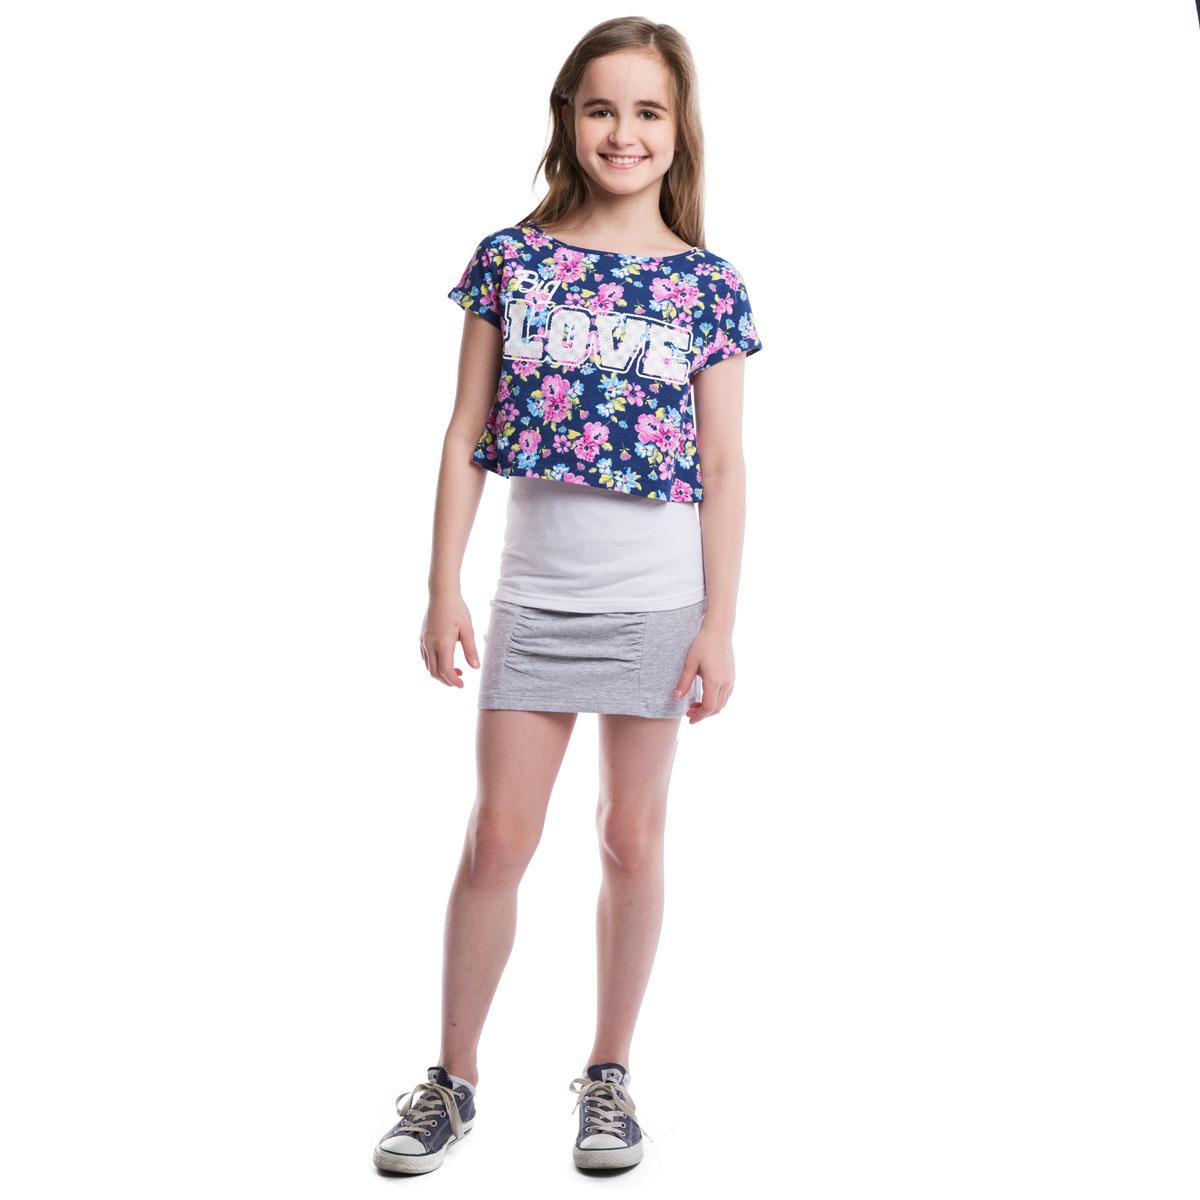 Комплект одежды для девочек: футболка, майка. 264016264016Стильный женственный комплект из майки и топа. Майка - базовая, белого цвета, ьретели регулируются по длине. Топ украшен нежным цветочным принтом и надписью. Цельнокройный рукав обеспечивает дополнительное удобство.